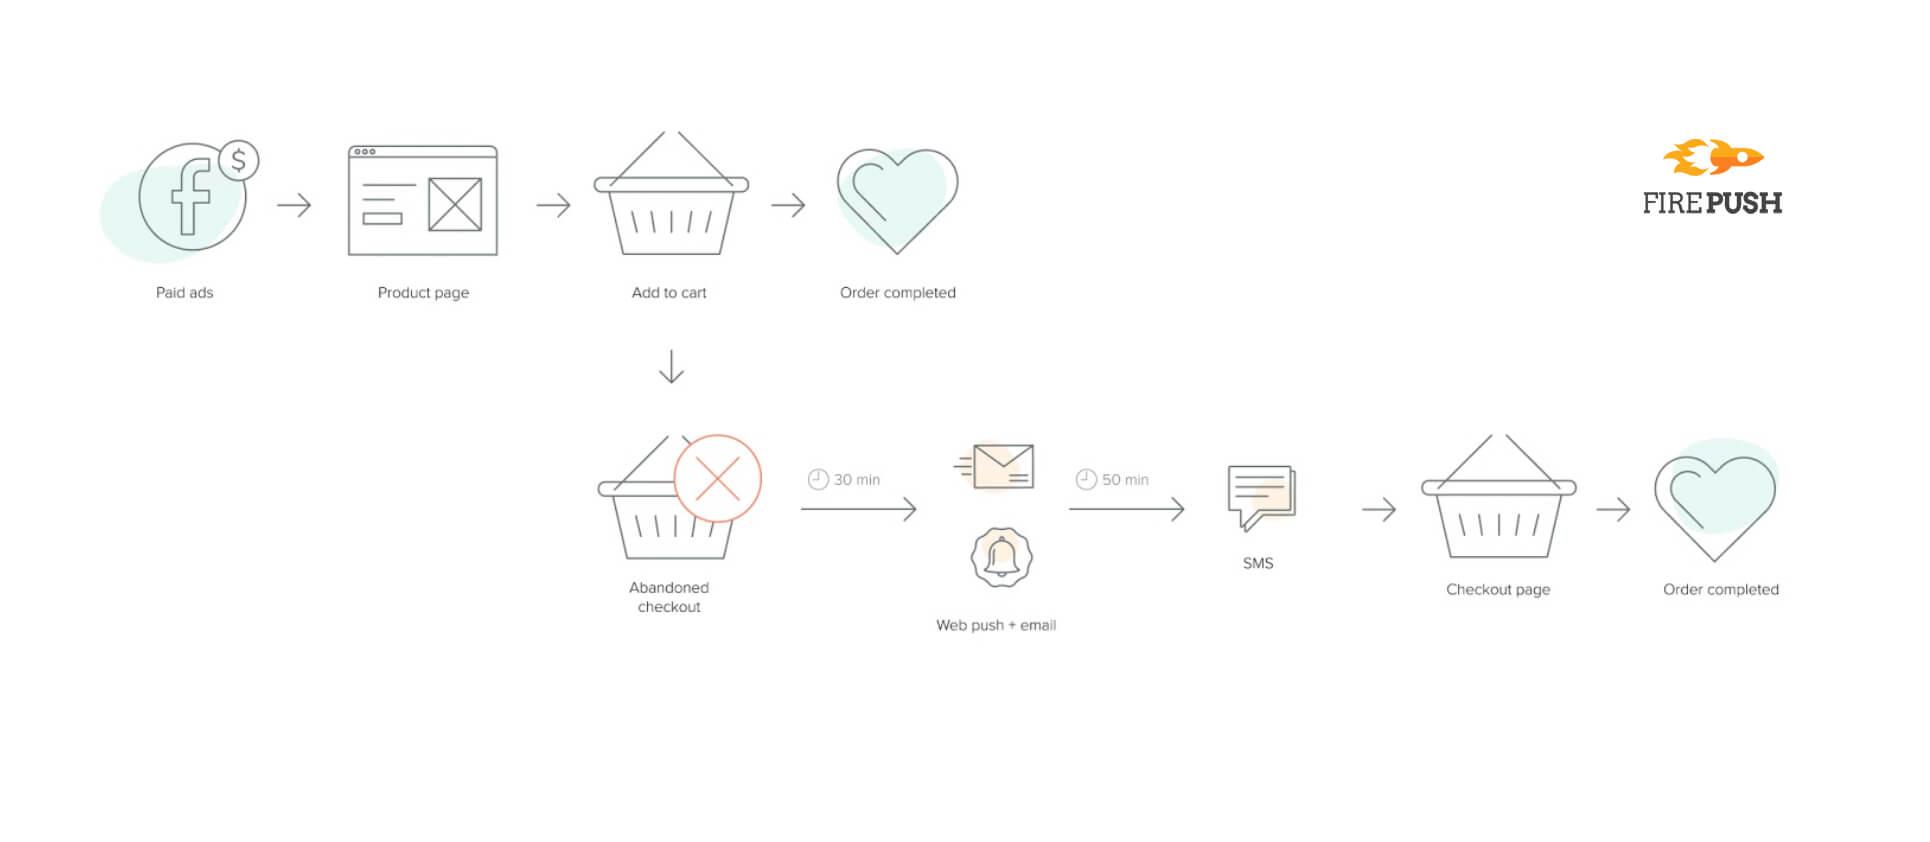 Firepush abandoned cart strategy visualized